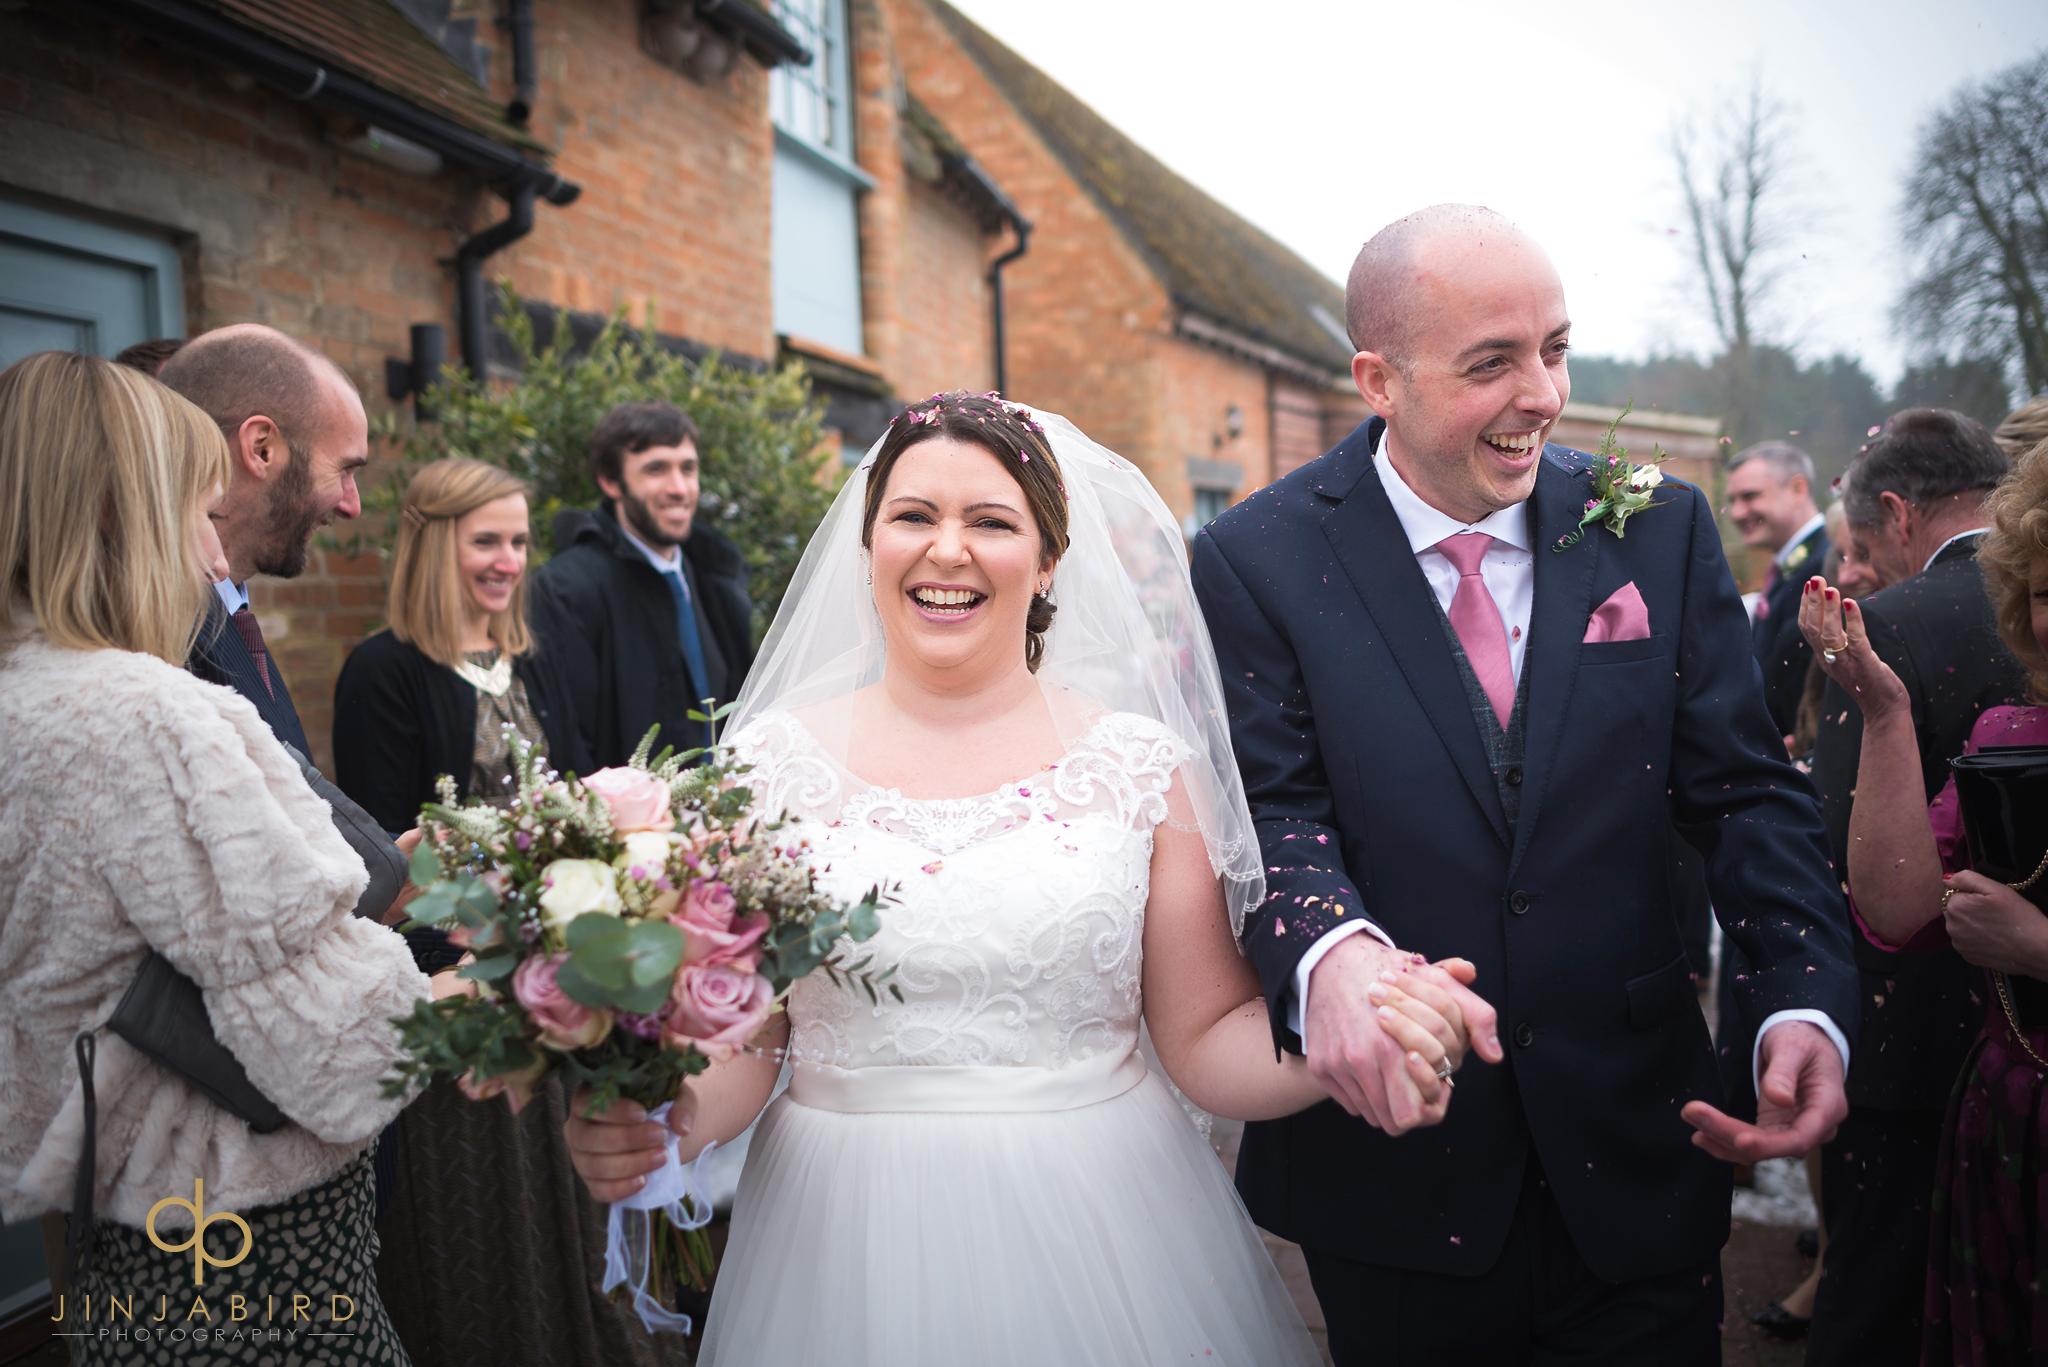 wedding-confetti-in-snow-bassmead